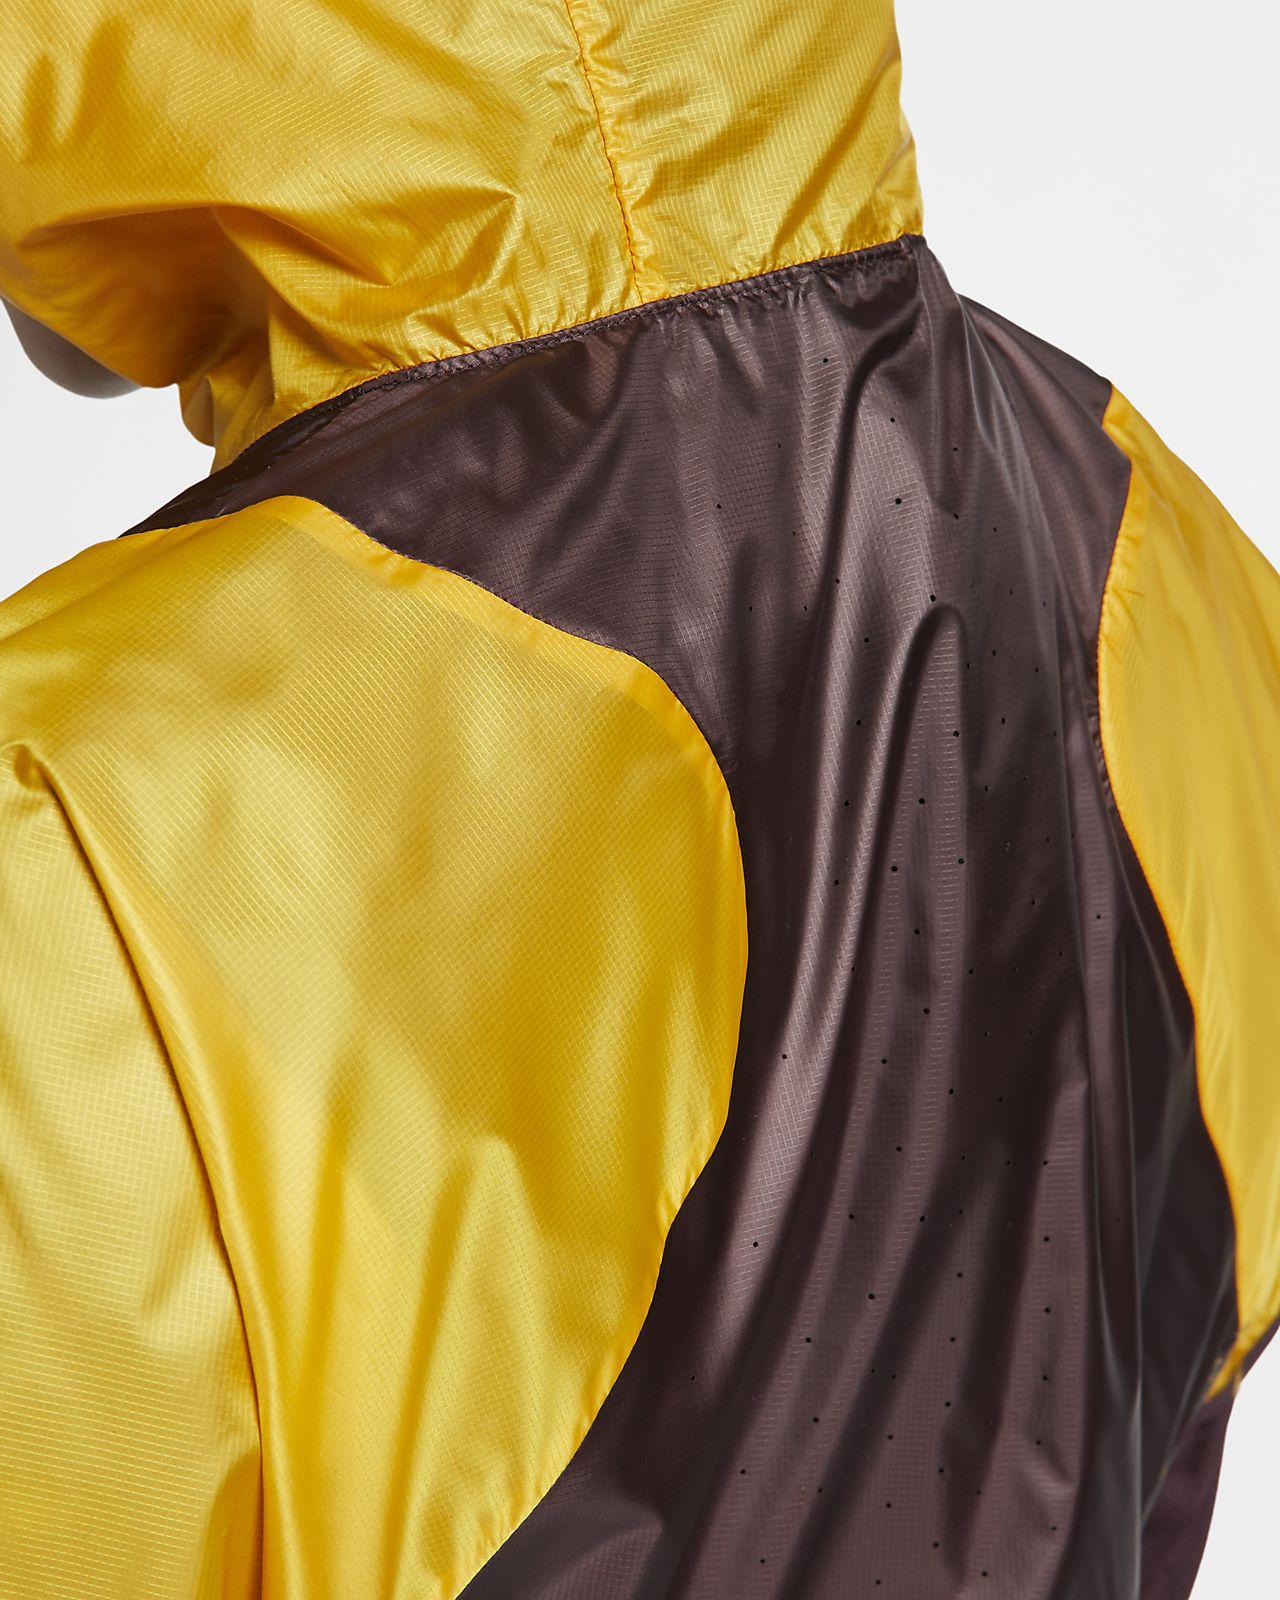 e7c1c3c557 Low Resolution Nike Gyakusou Transform Women s Jacket Nike Gyakusou  Transform Women s Jacket